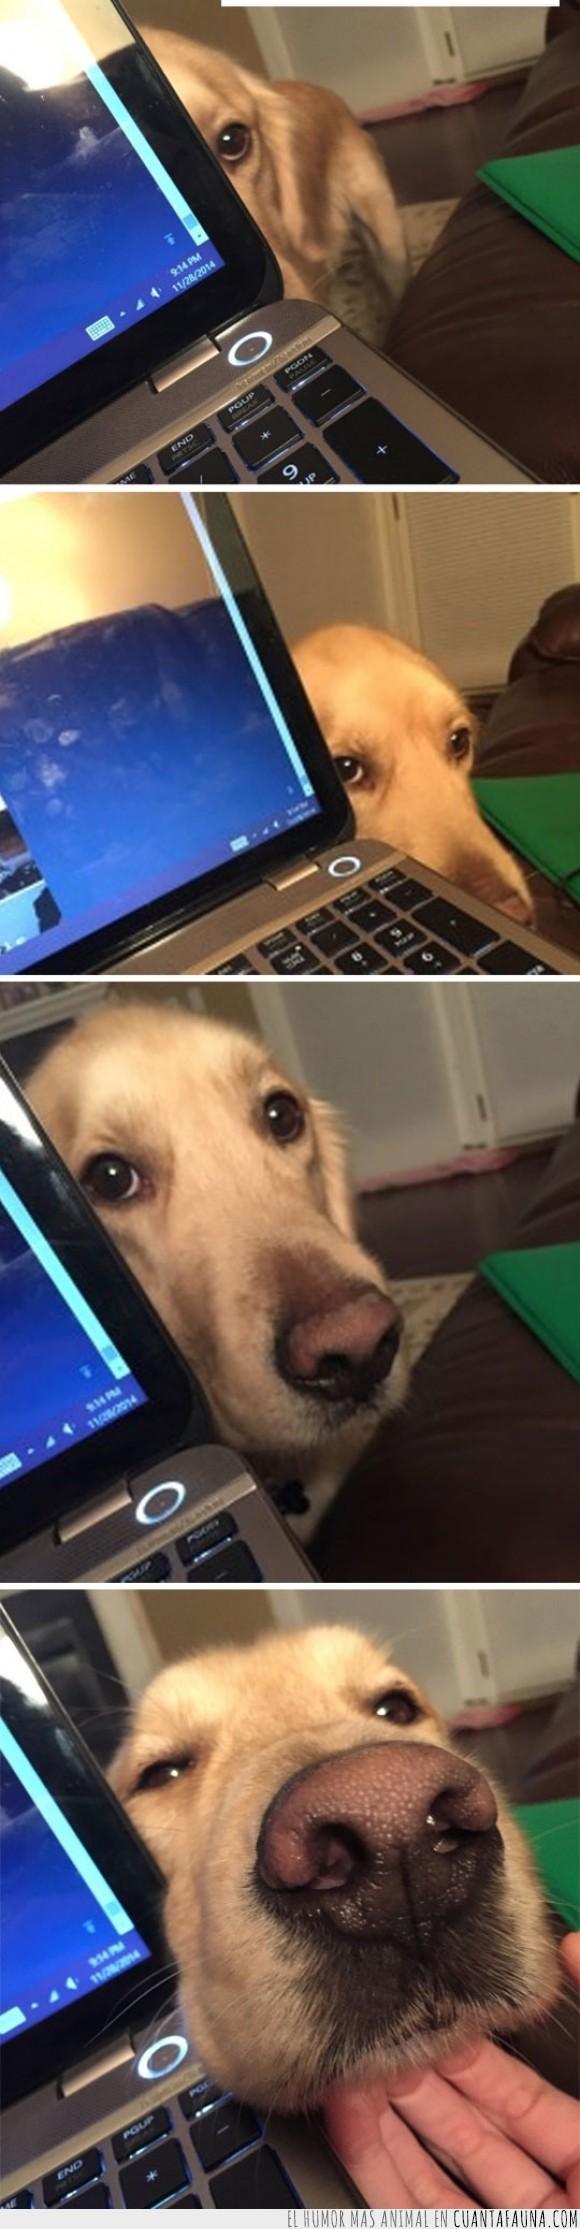 cariño,labrador,mascota,ordenador,perrito,perro,portatil,tocar